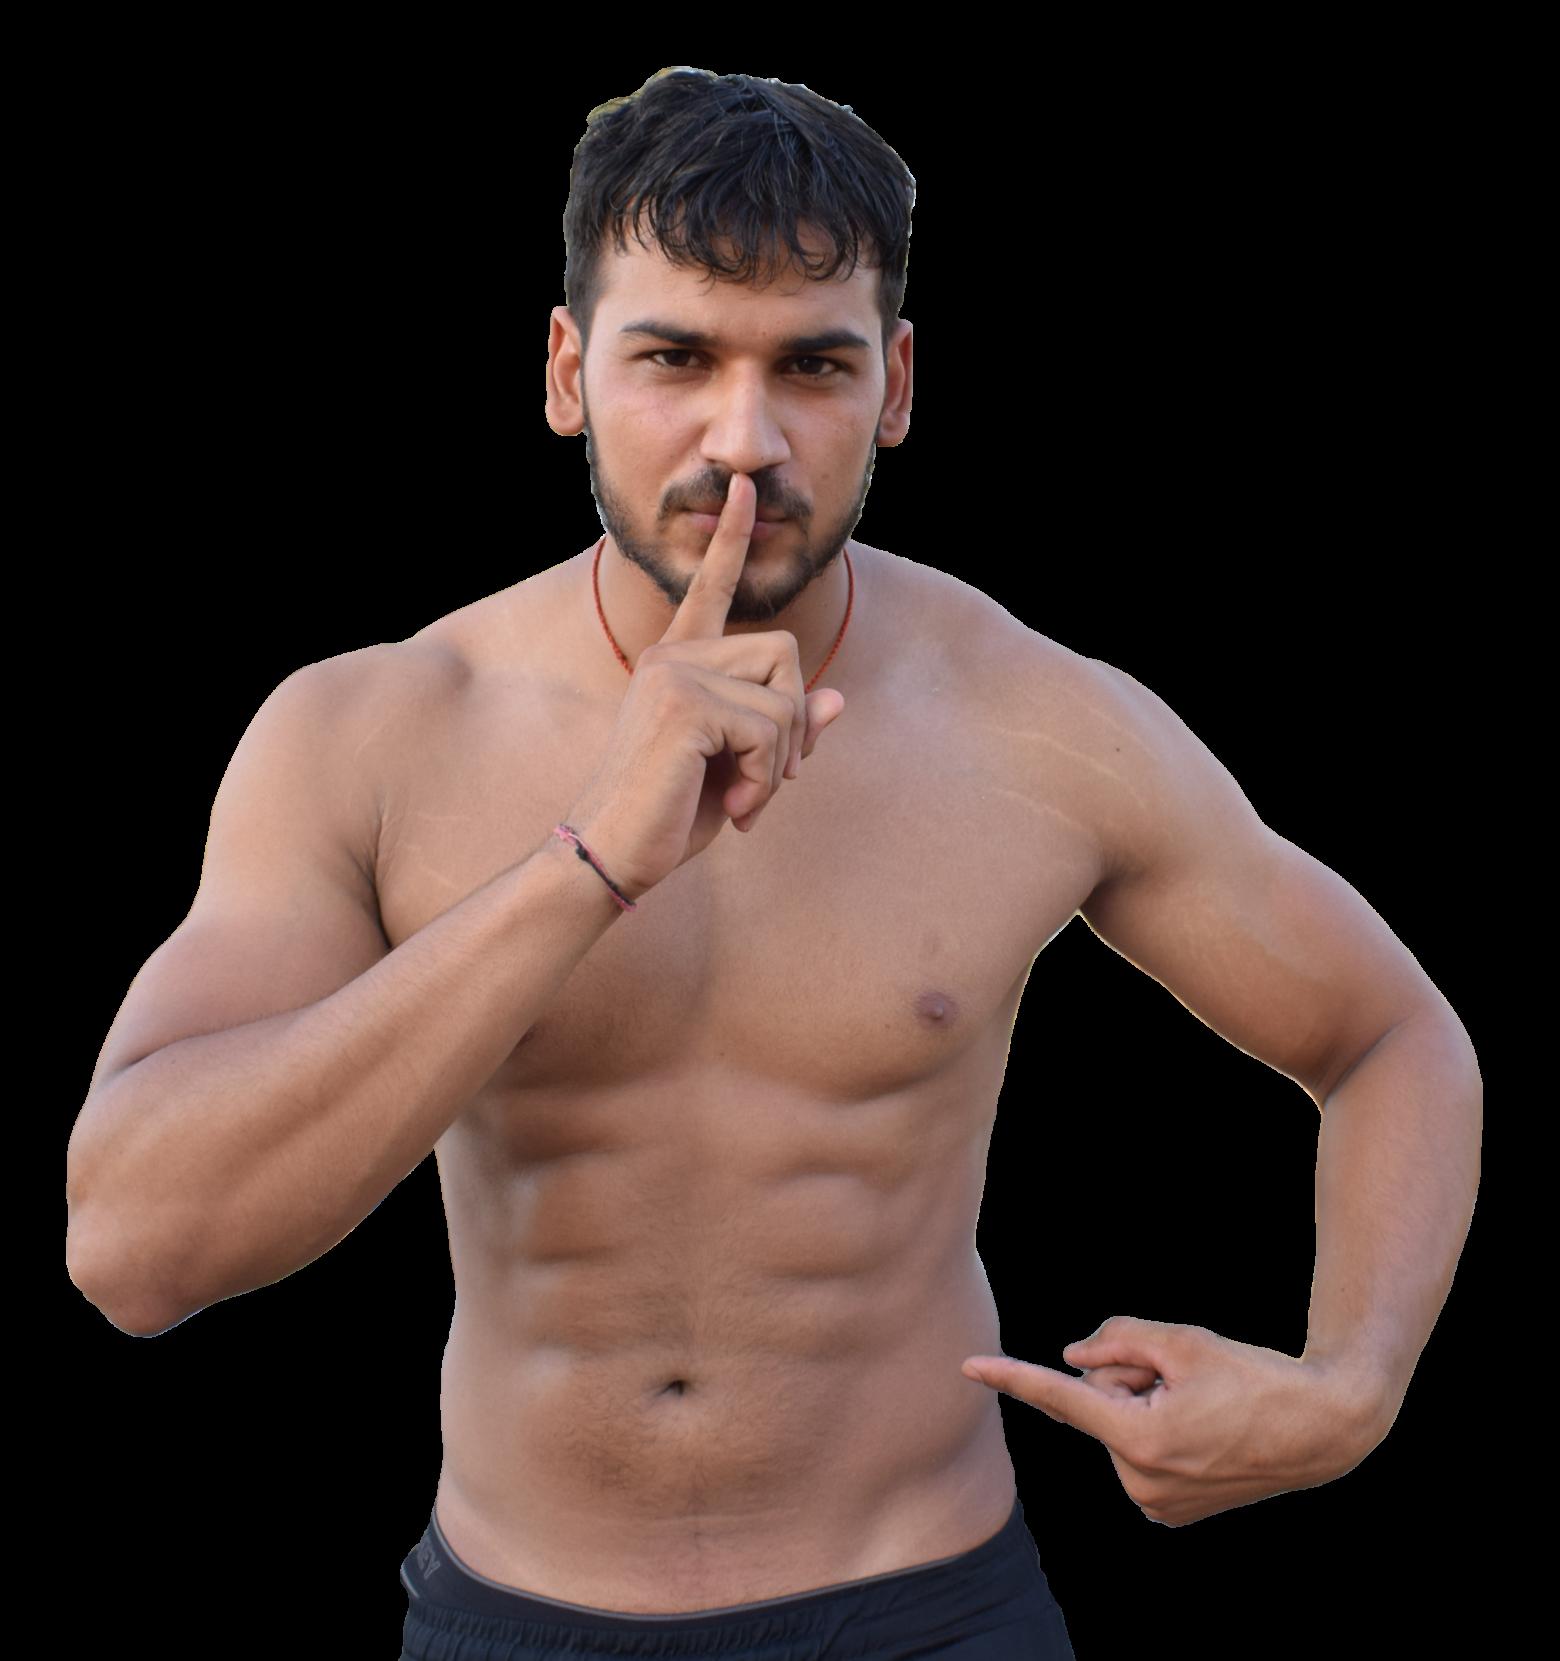 Homme Costaud images gratuites : homme musclé musculation muscles secret   images